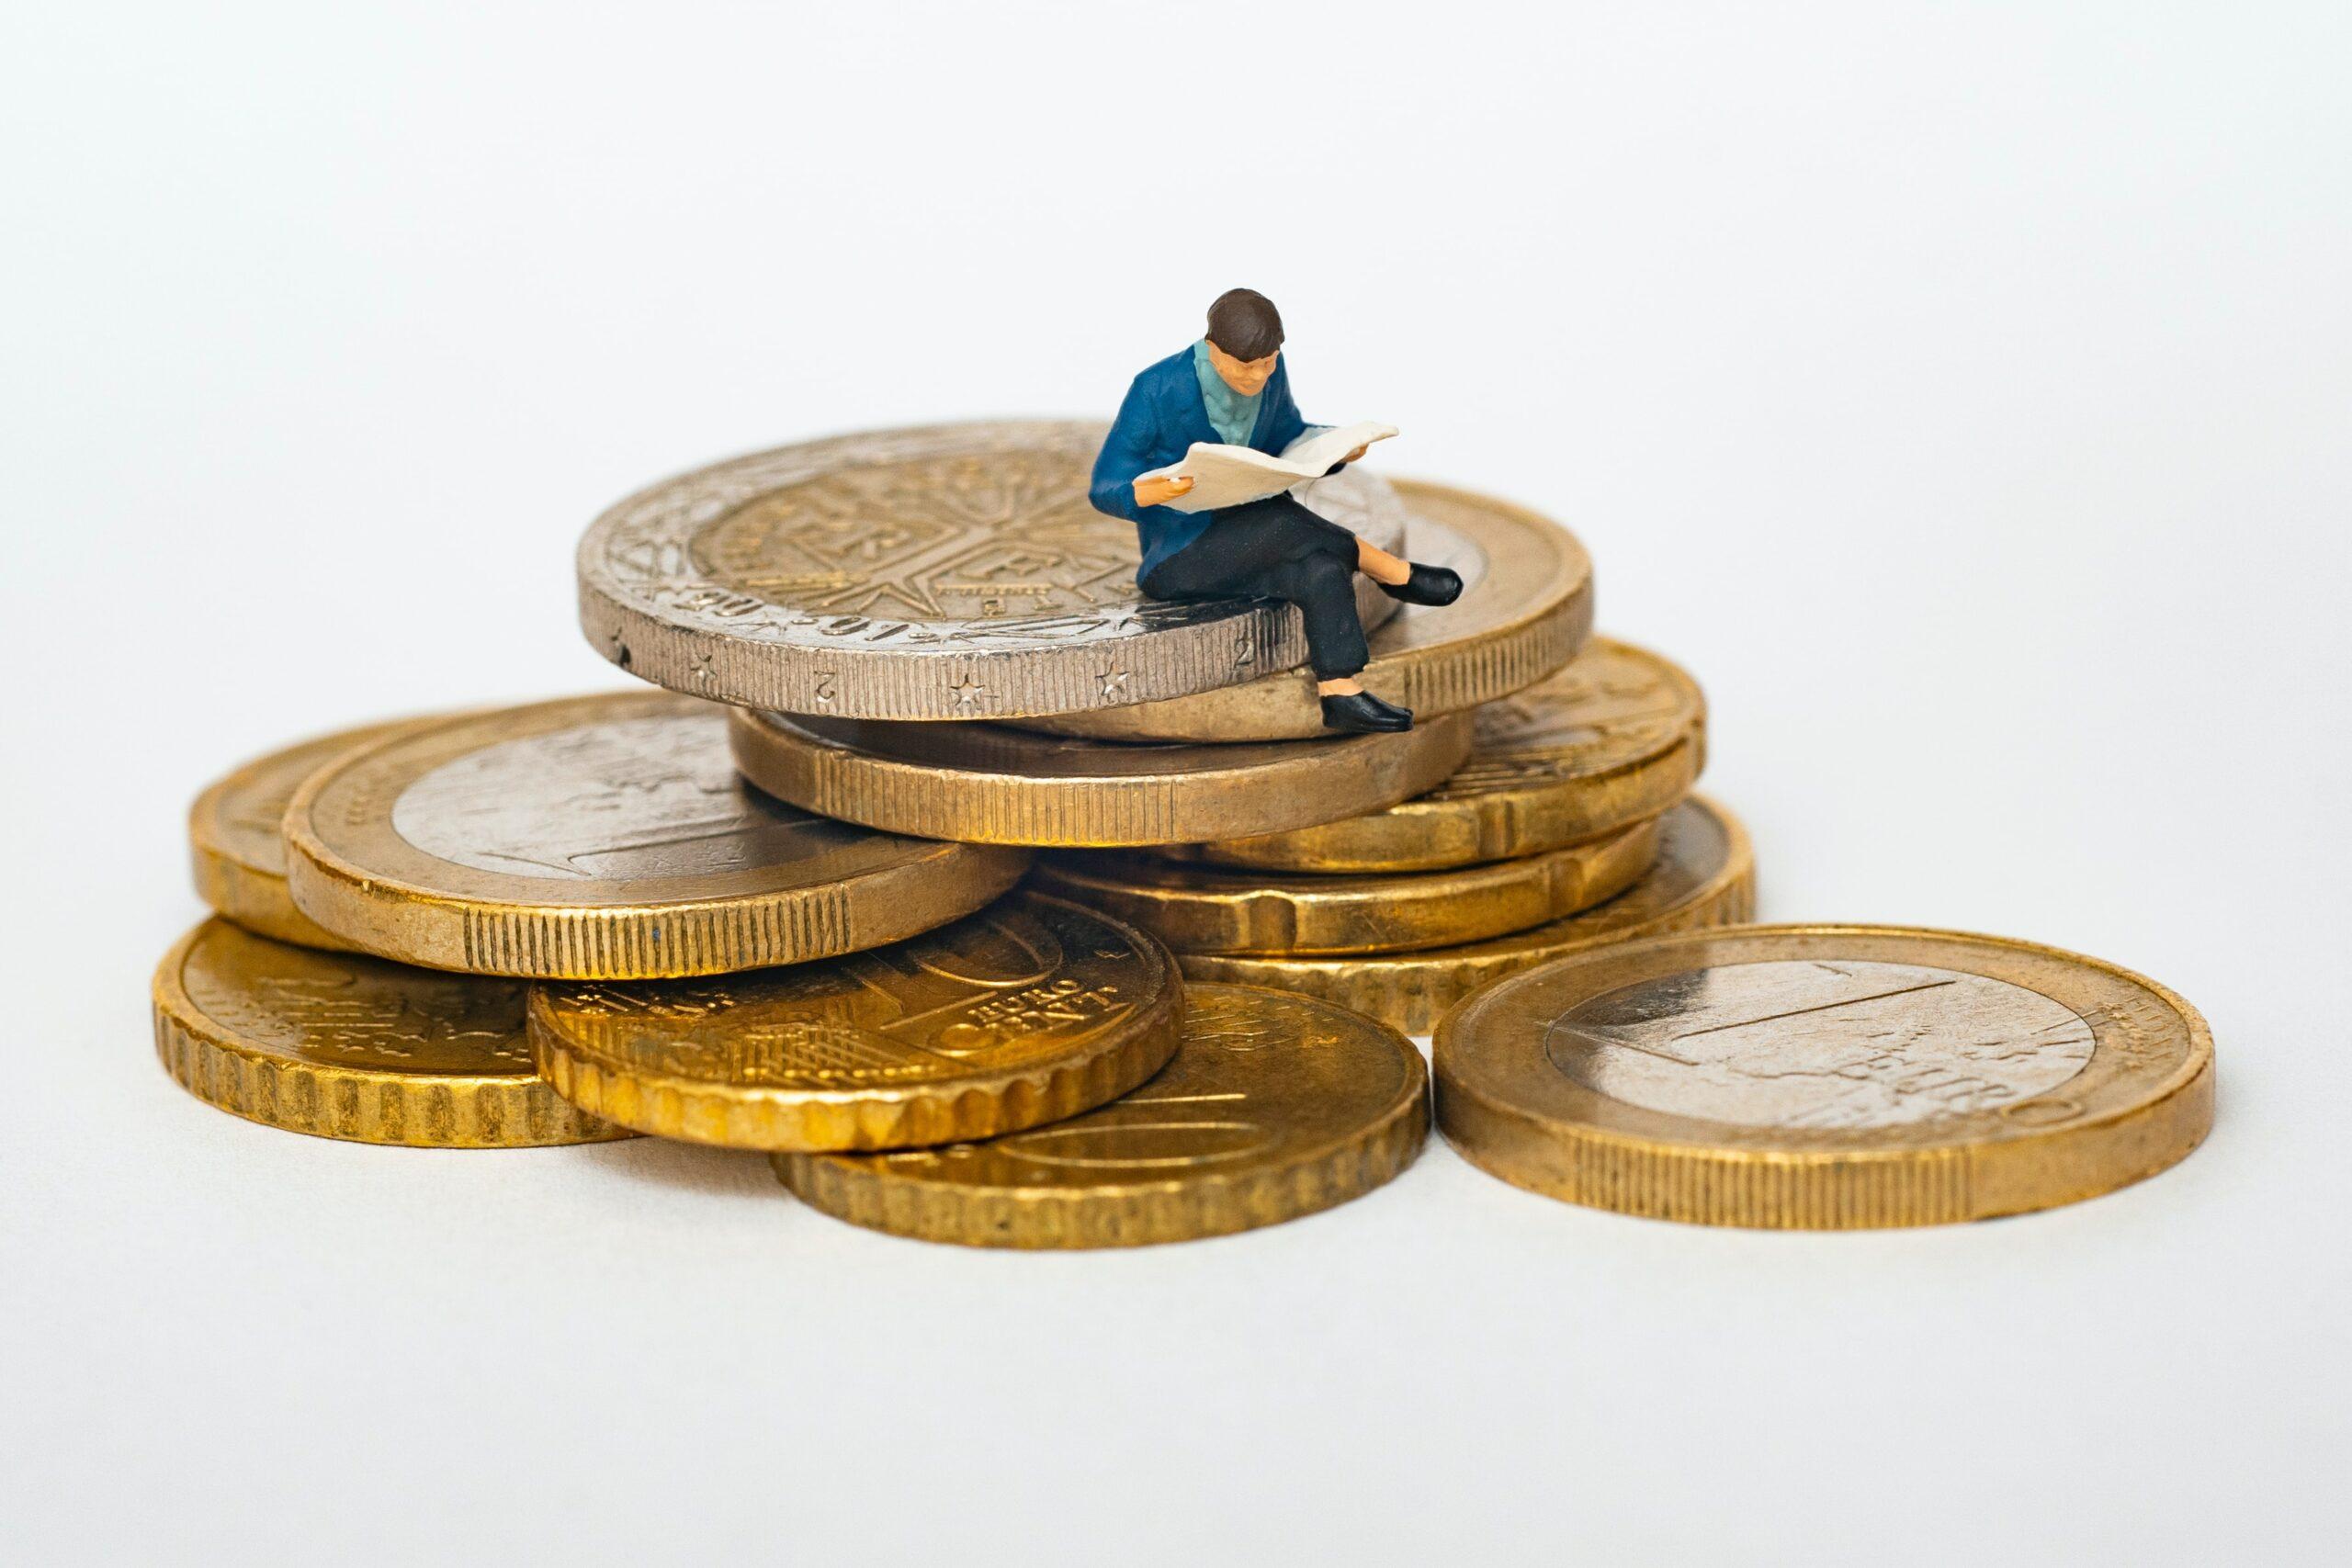 investimento-moedas